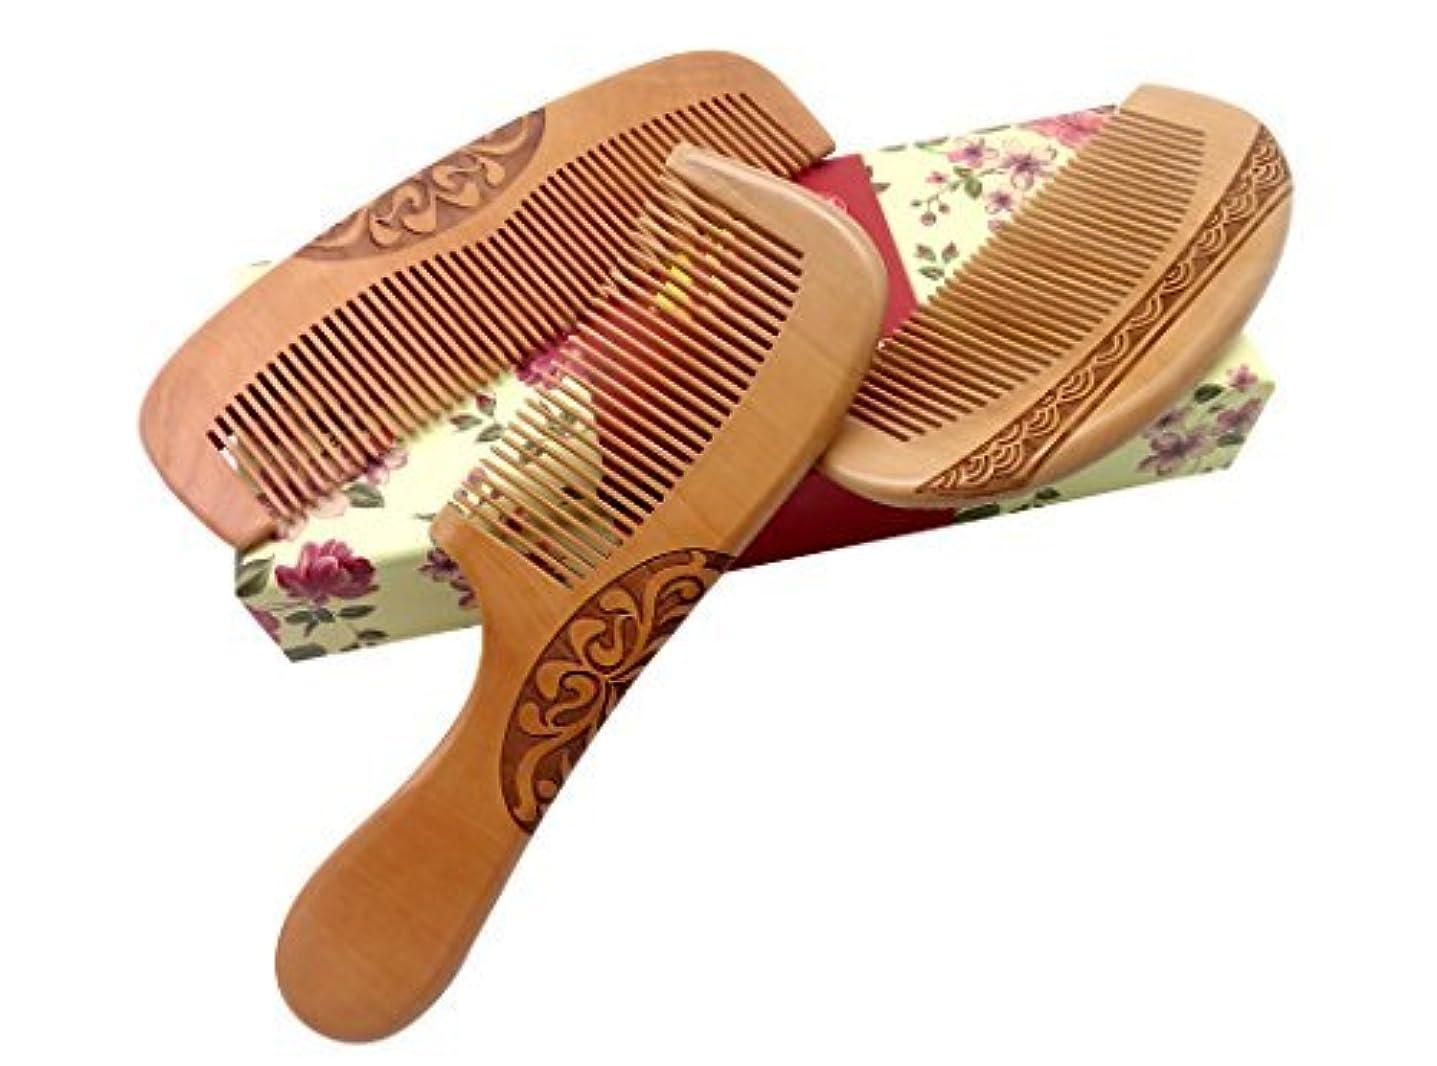 プリーツ陪審起訴するZuiKyuan Wooden Hair Comb No Static Hair Detangler Detangling Comb with Premium Gift Box 3 Pcs [並行輸入品]